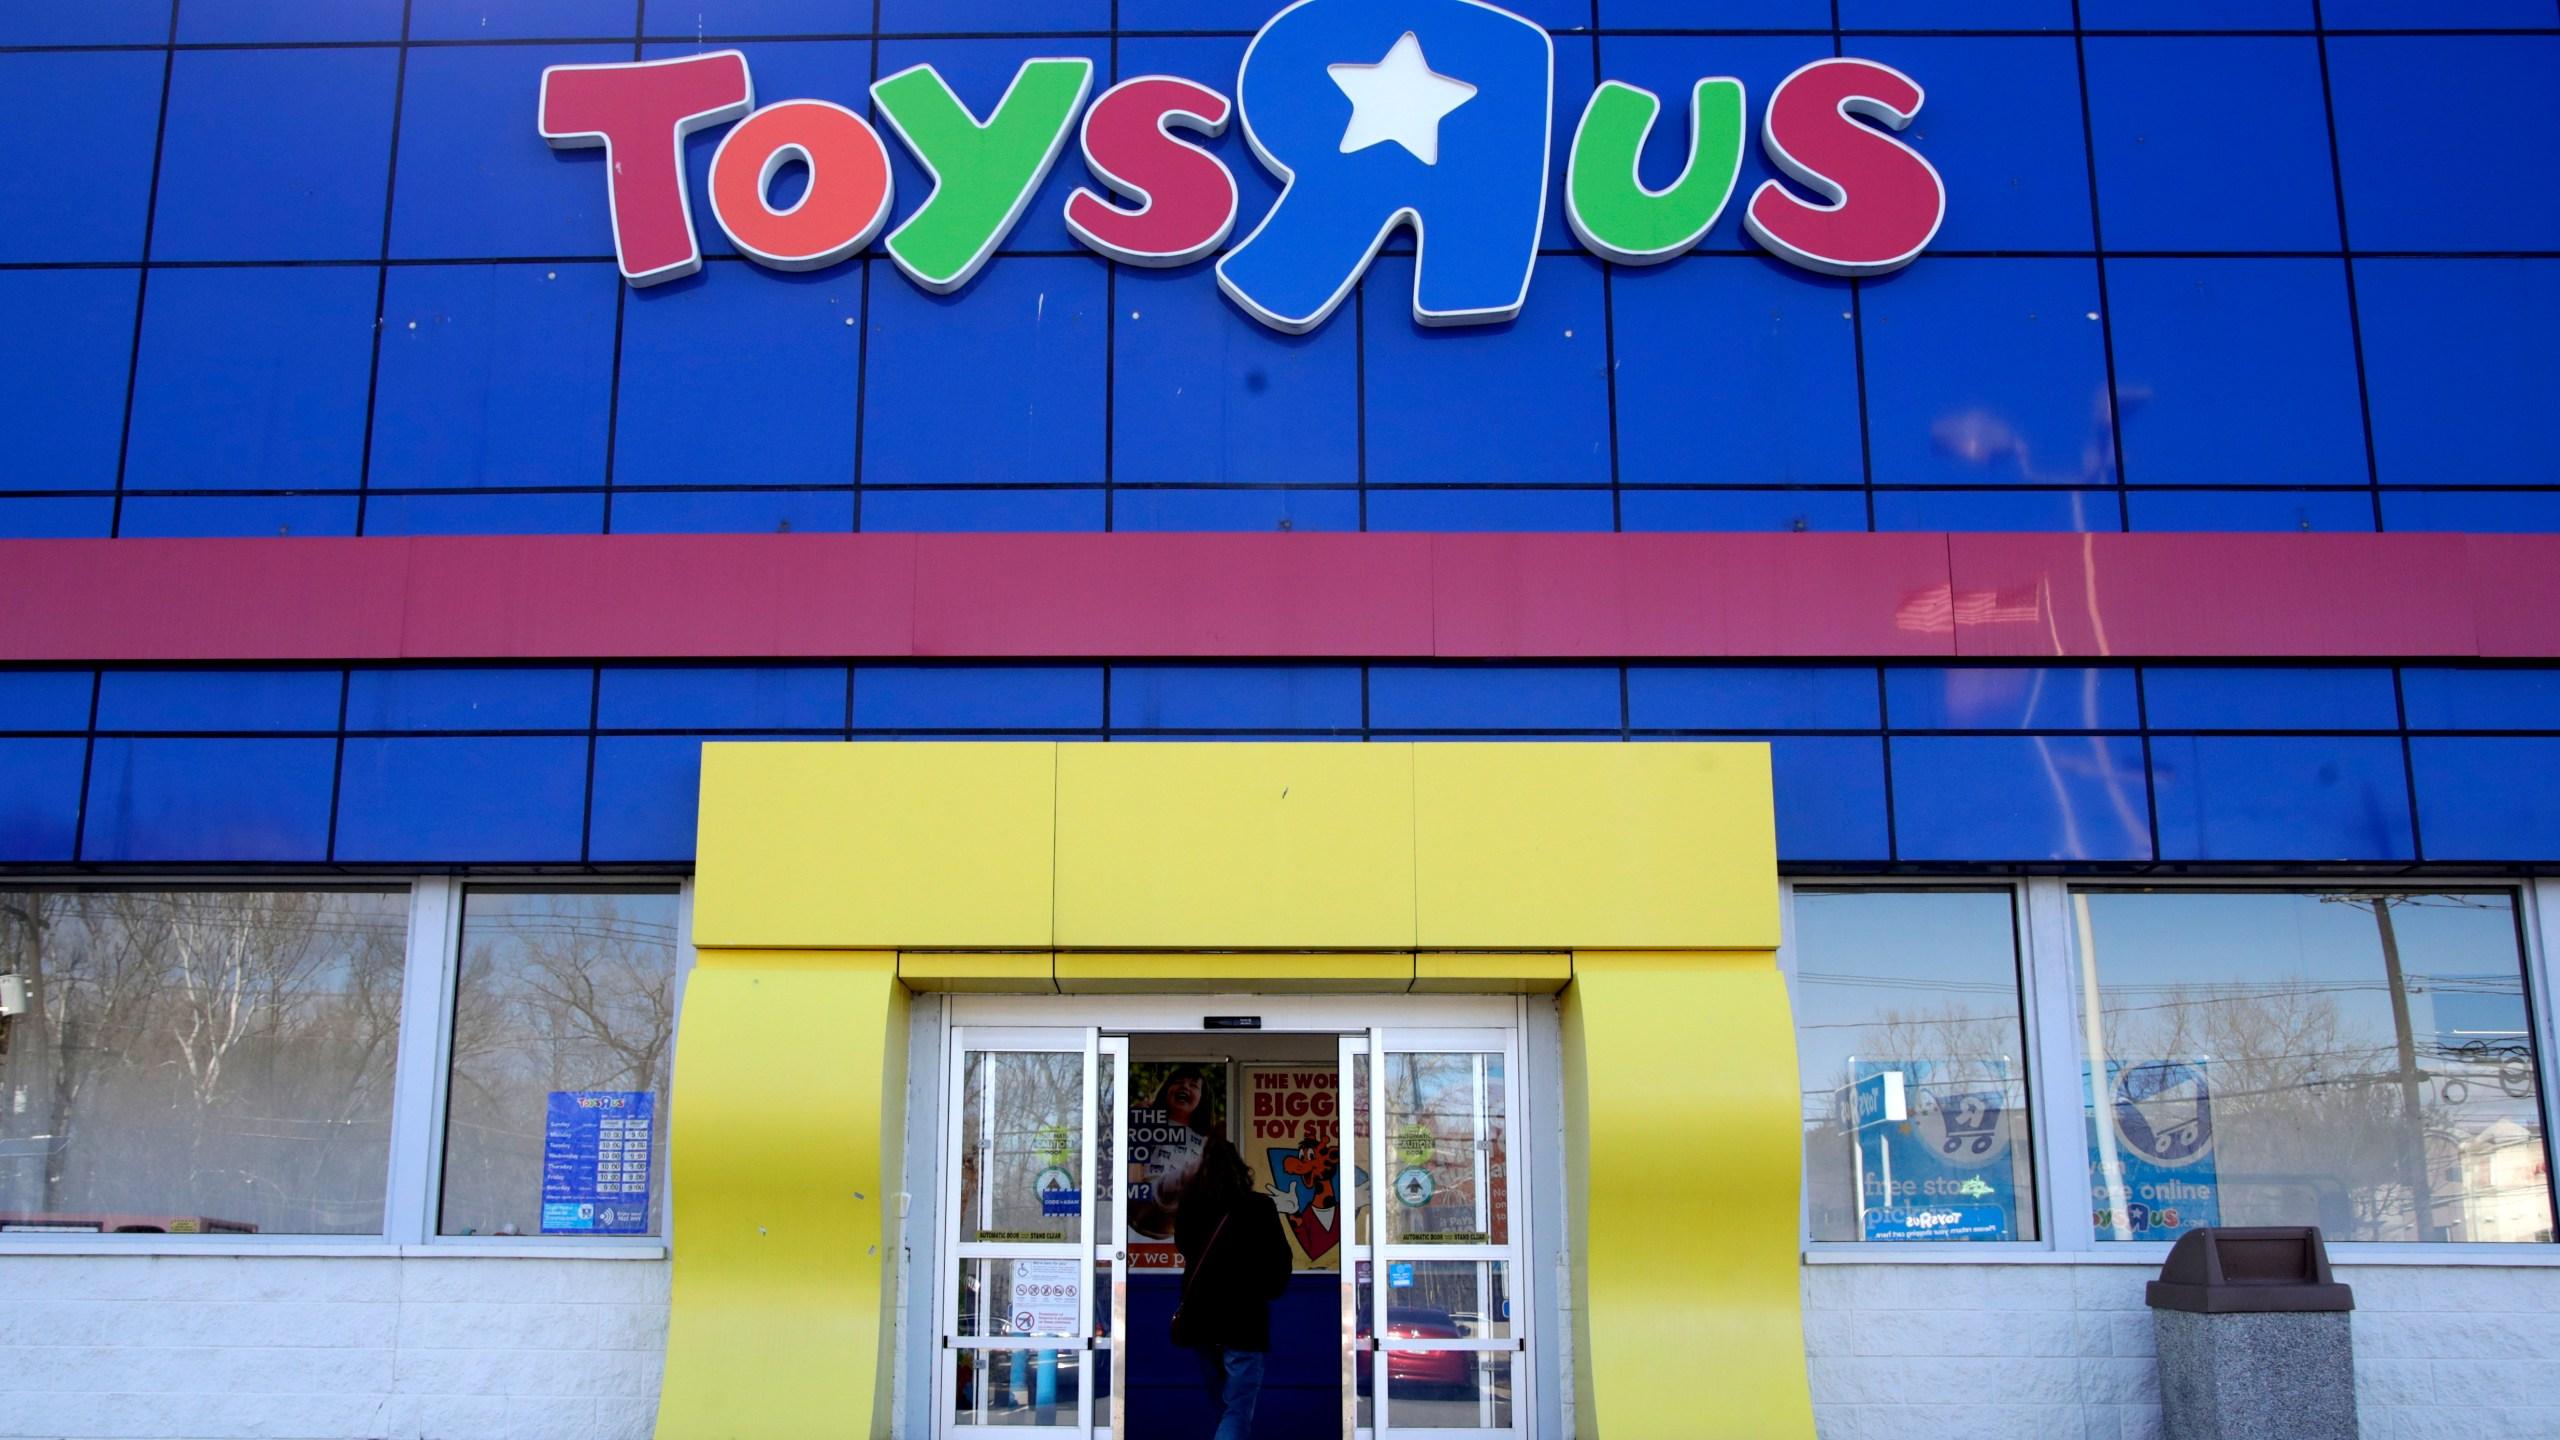 Toys_R_Us_Liquidation_21484-159532.jpg42238644